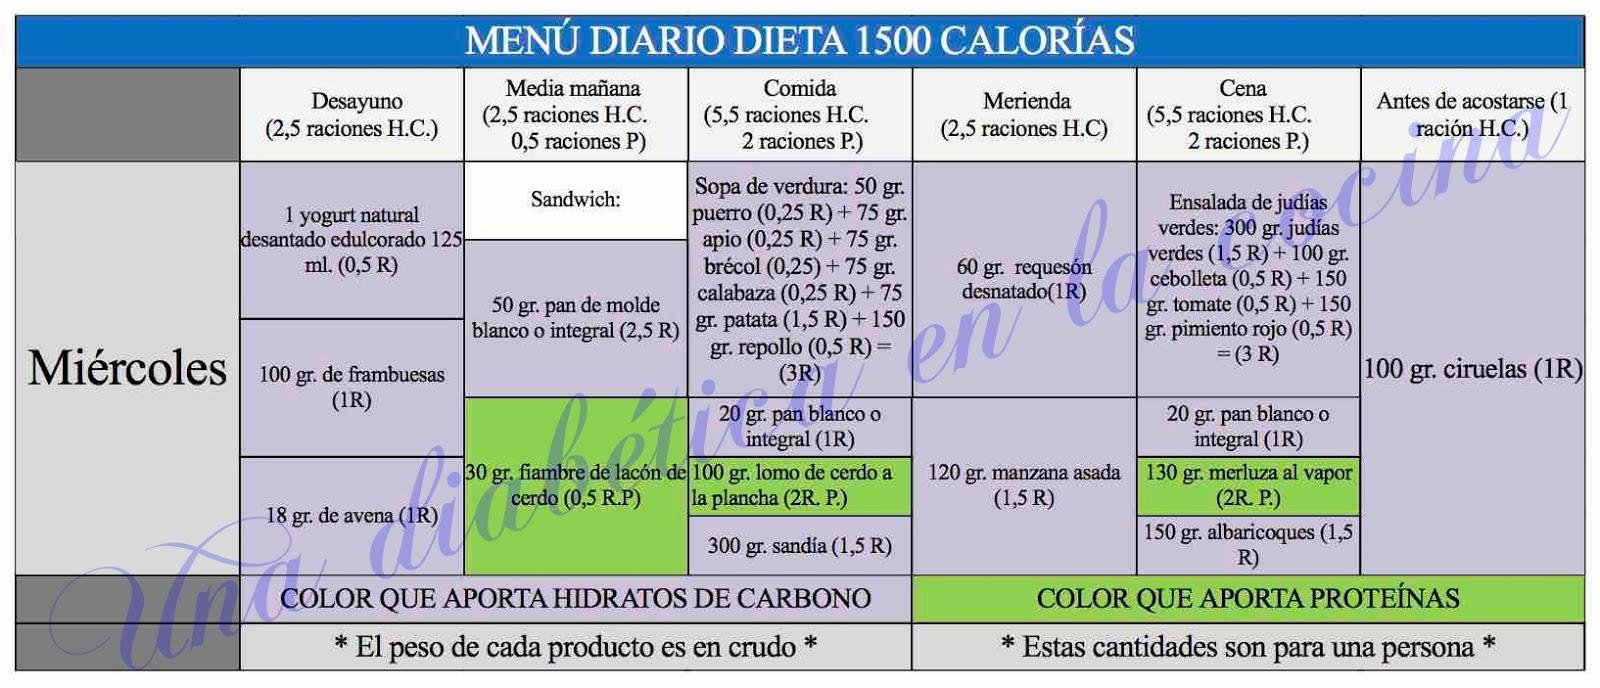 dieta 1500 calorias menu semanal 5 comidas